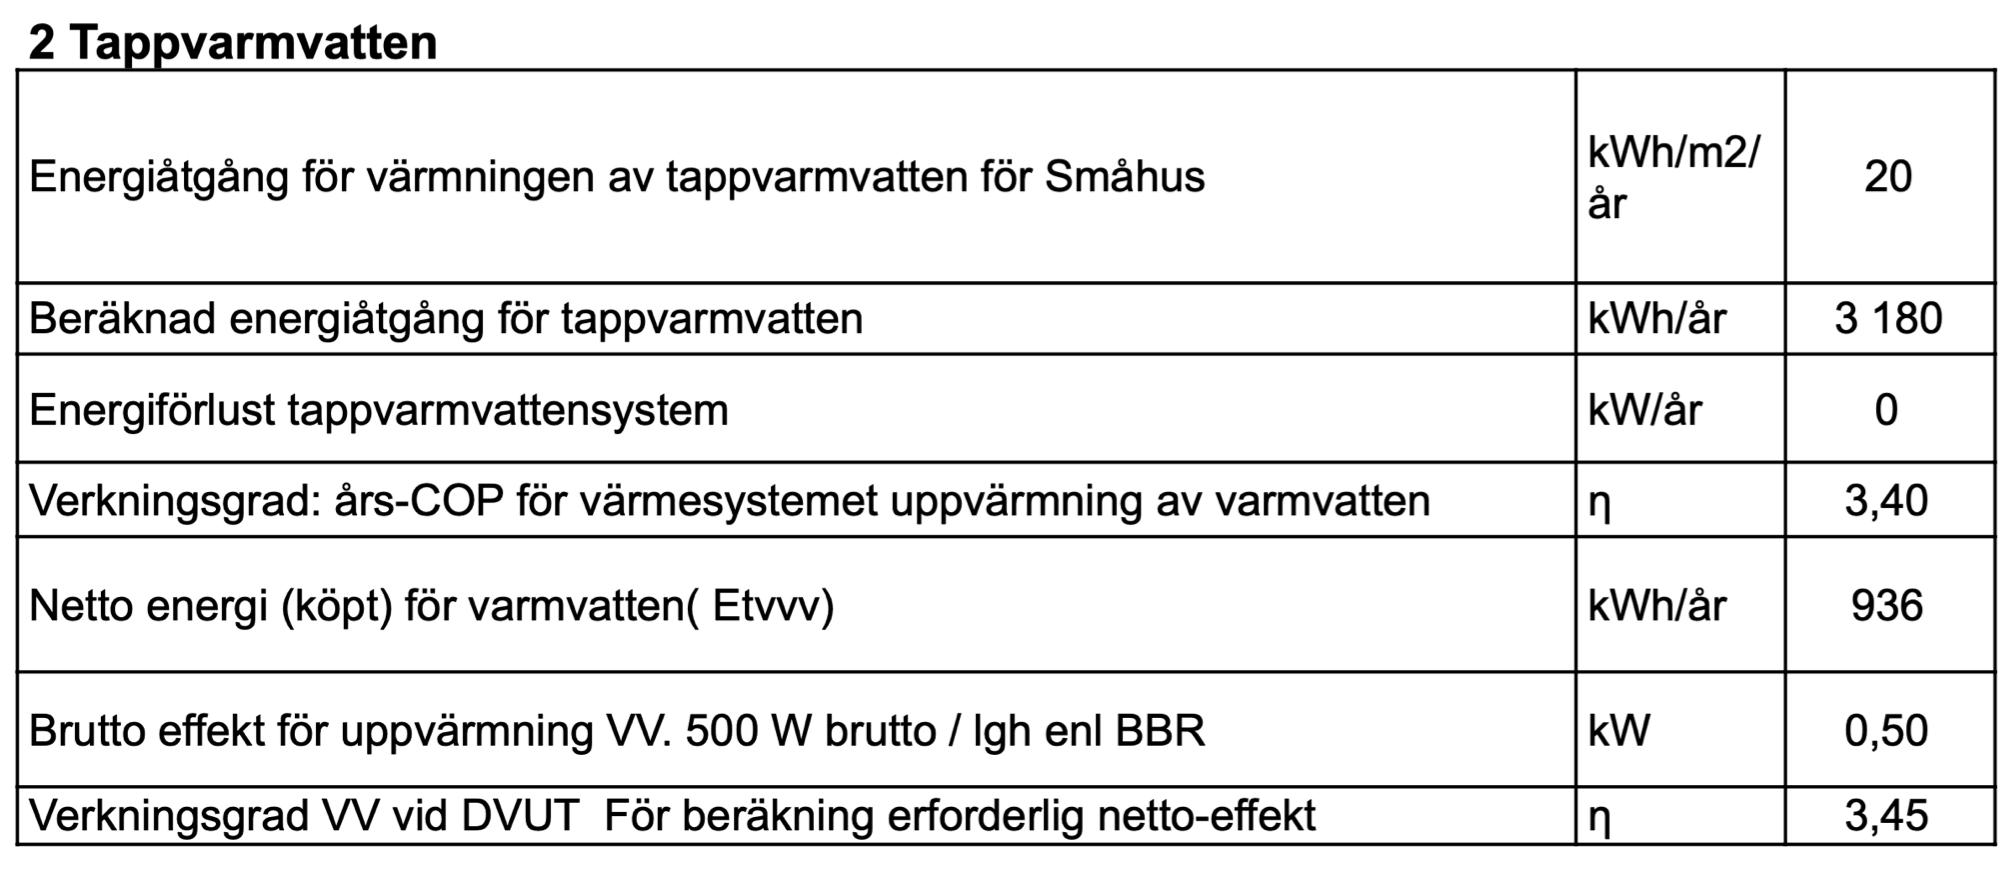 Exempel på energiberäkning som visar tappvarmvatten